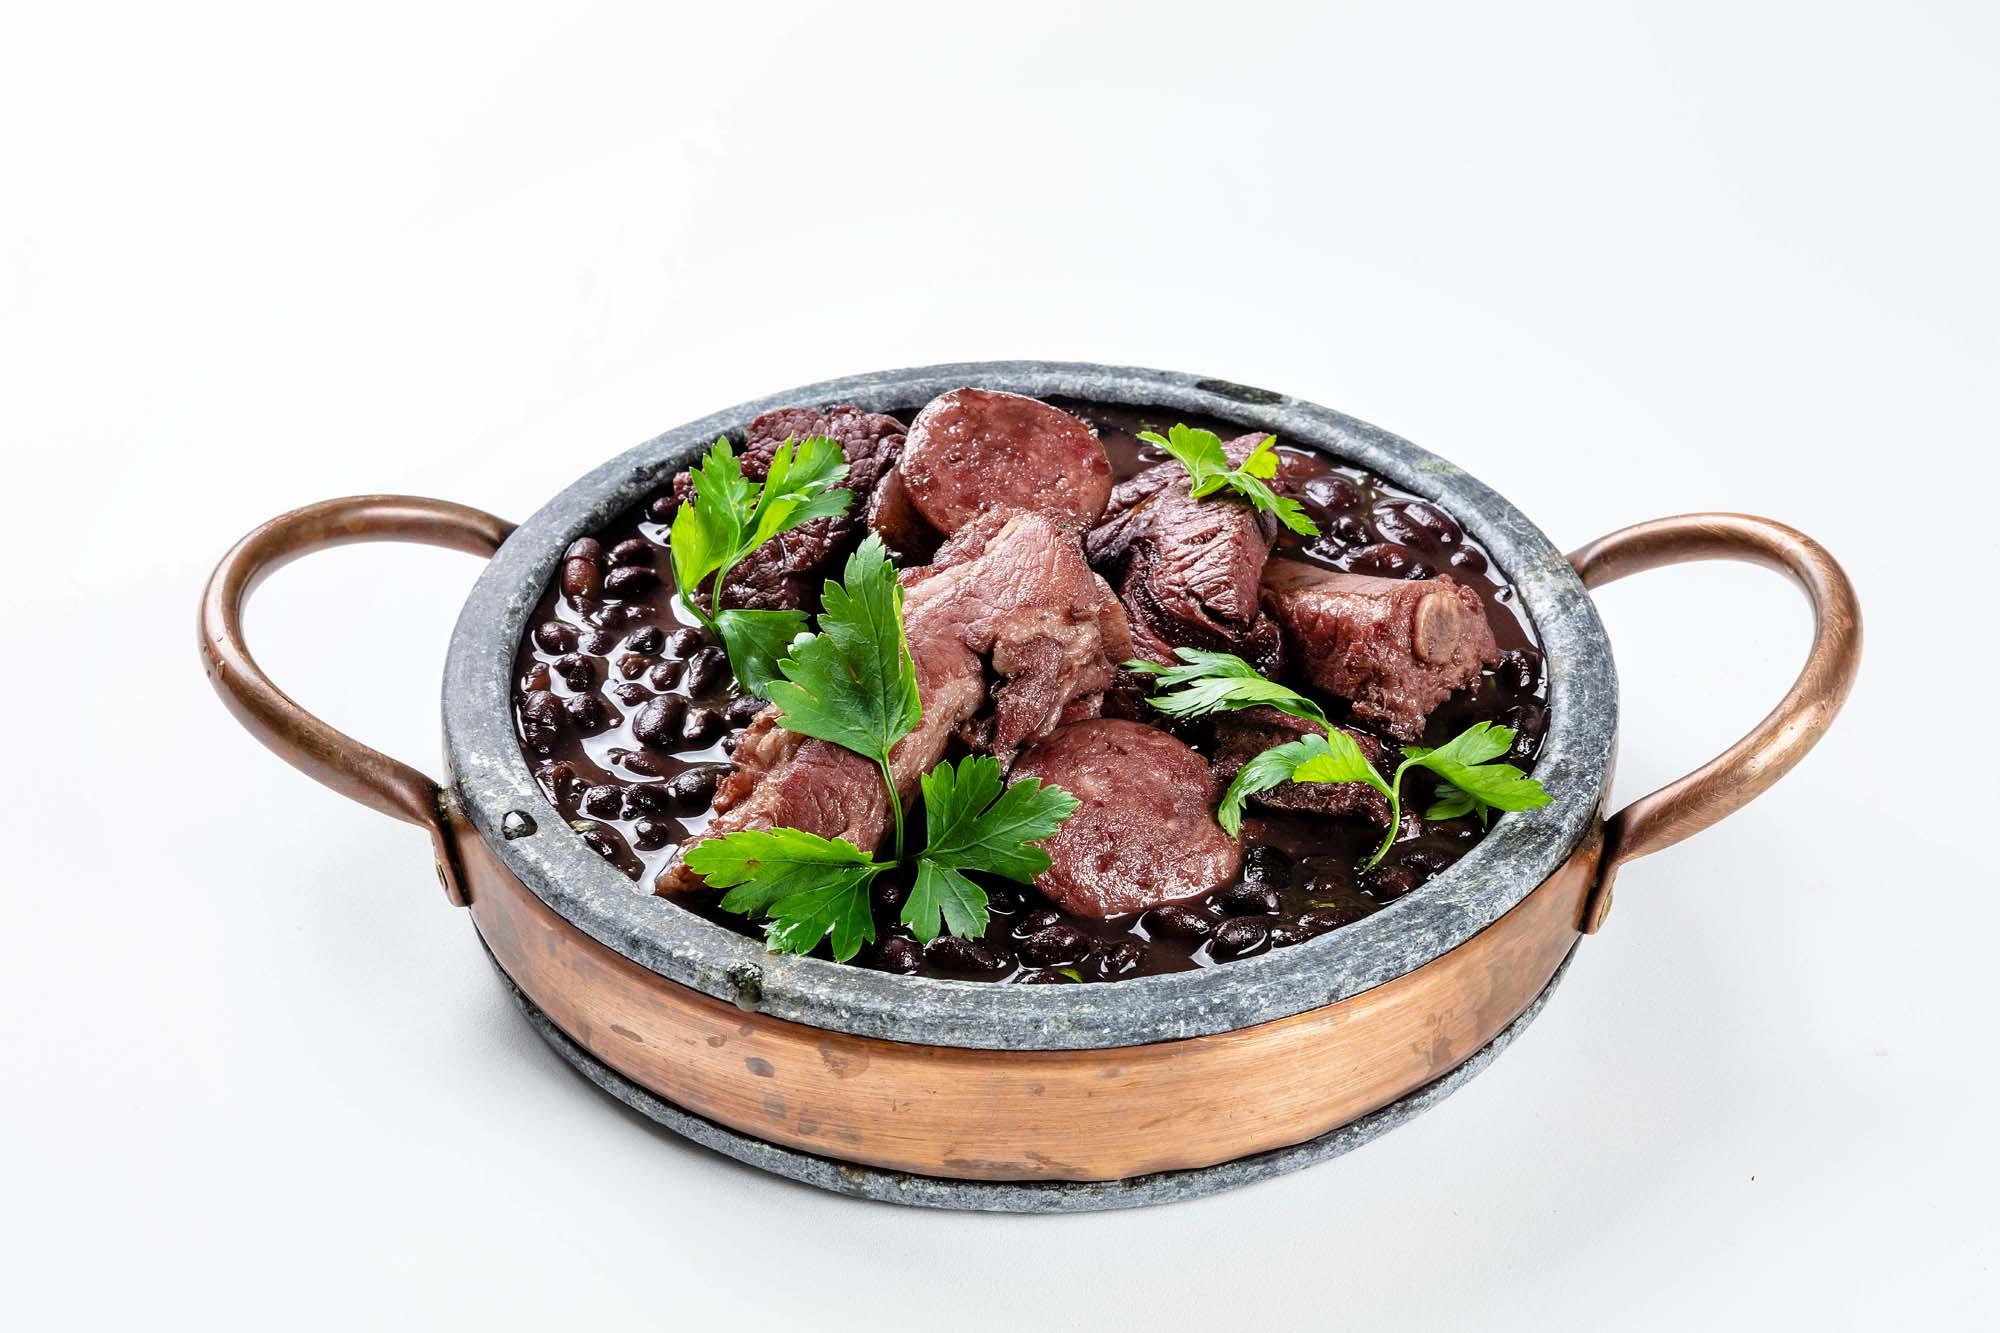 Feijoada completa com costelinha, carne seca e paio, arroz branco, couve refogada com alho, farofa de bacon e caldinho apimentado de feijão (520gr)